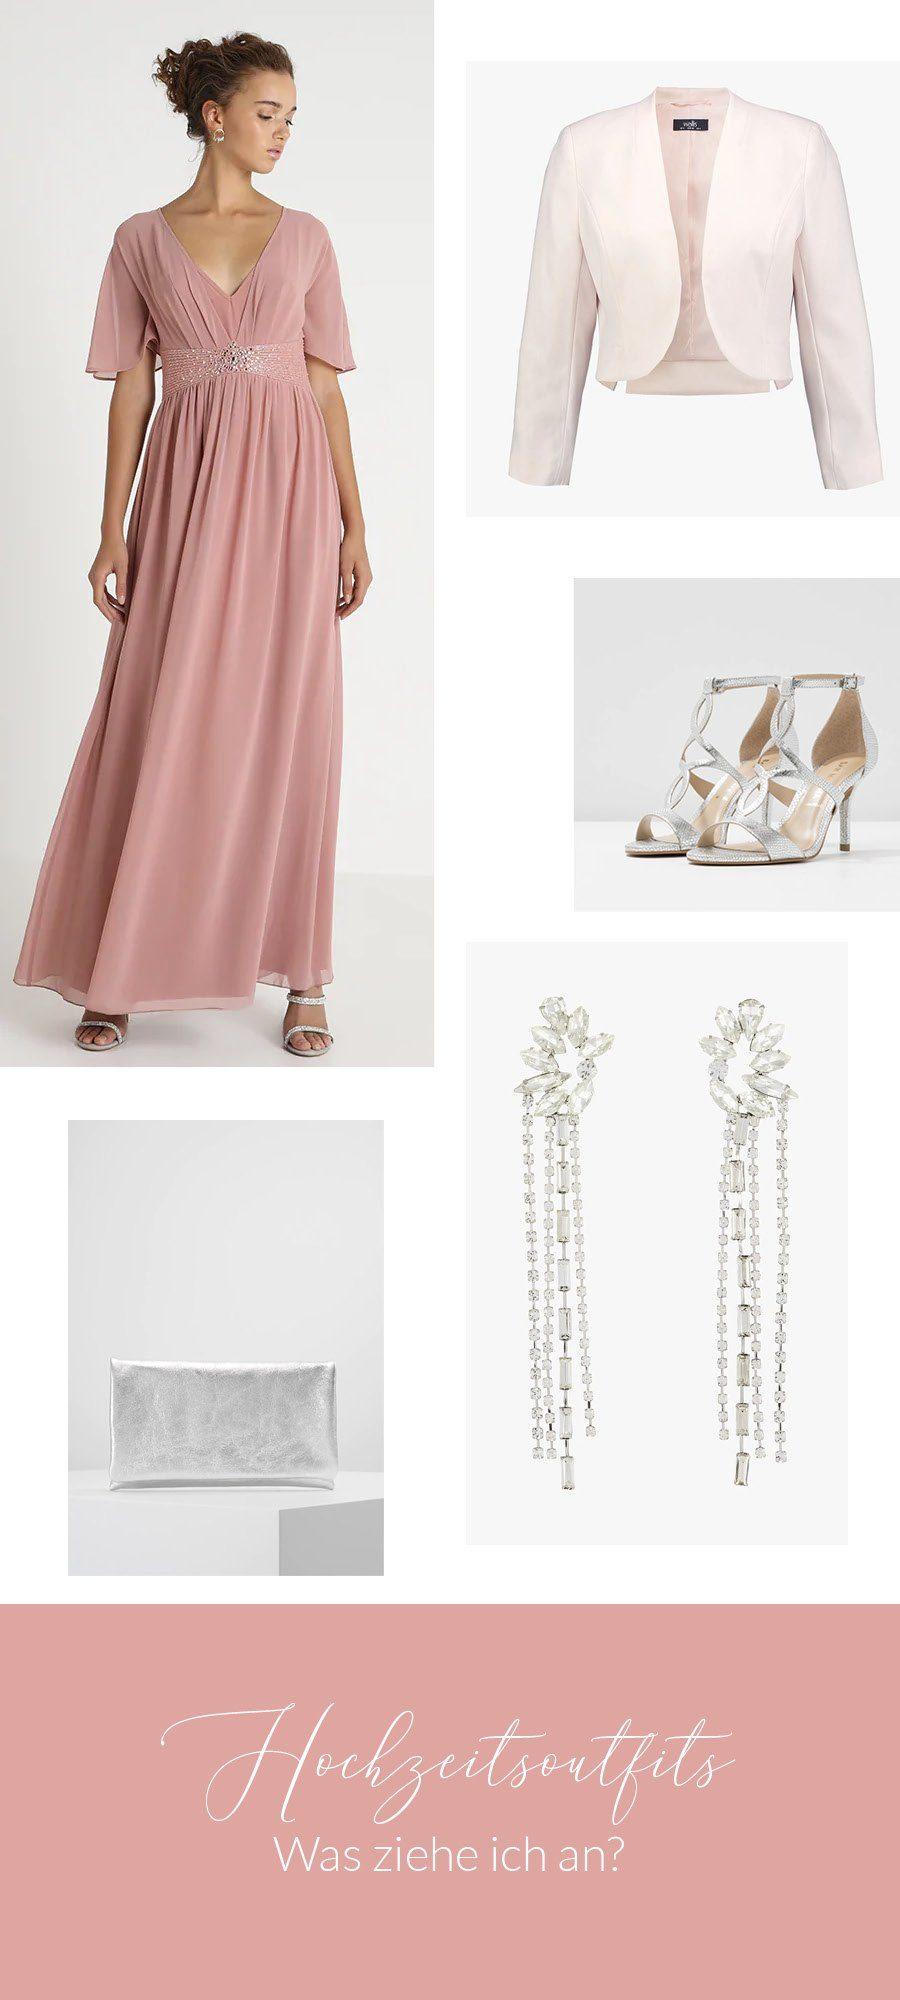 romantisches Hochzeitsoutfit mit lange Kleid und silbernen Accessoires